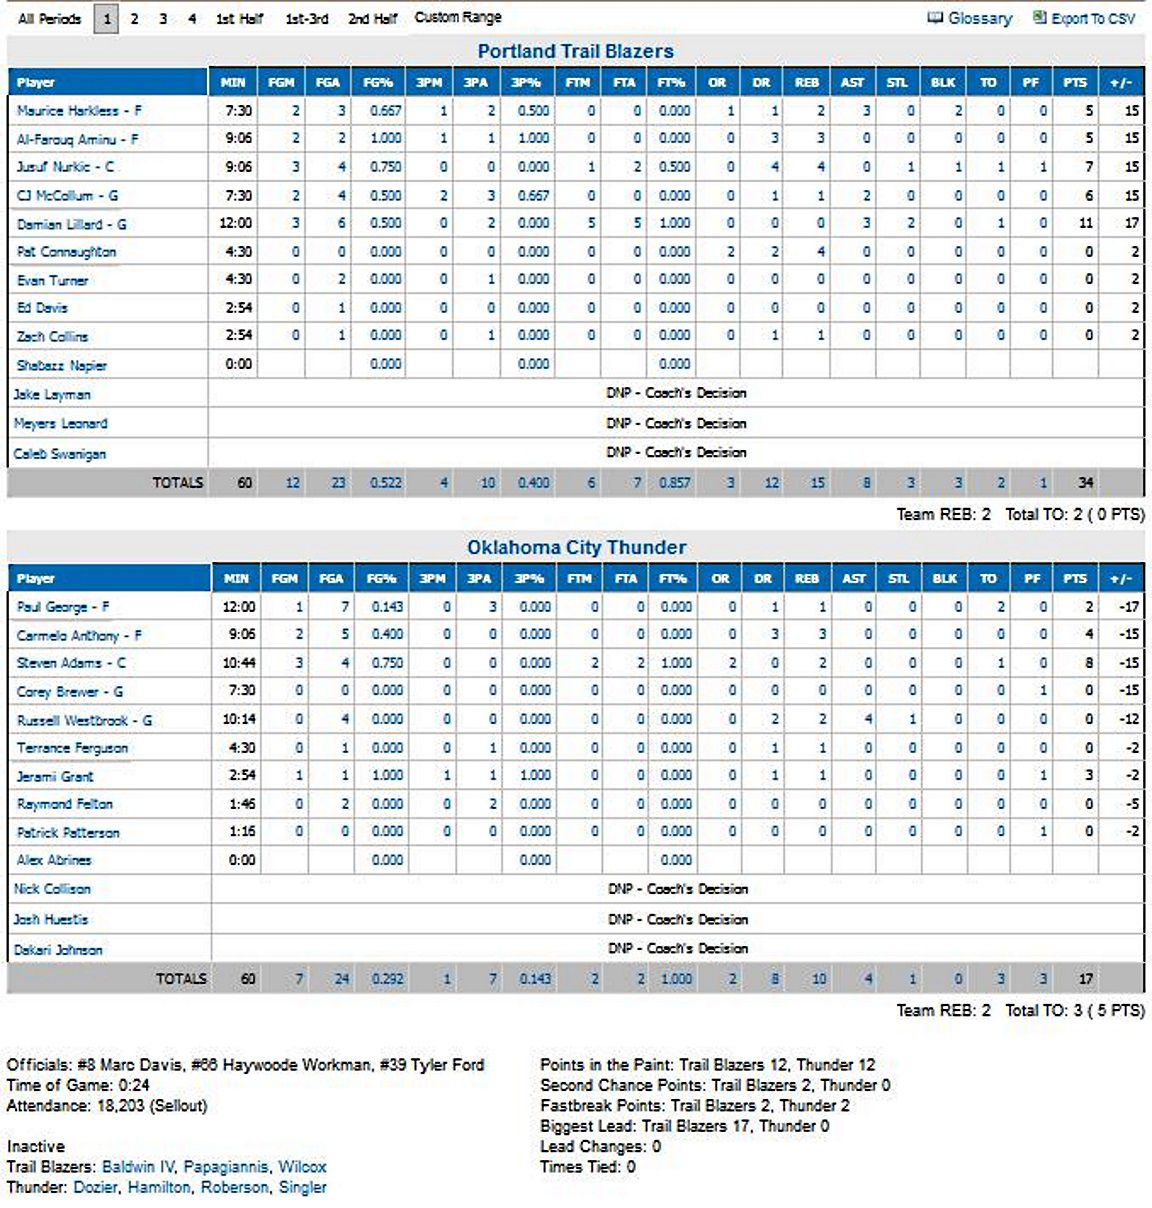 Portland Trail Blazers Oklahoma City Thunder Reddit: Melo Out! OKC's Loss To Blazers A Team Effort